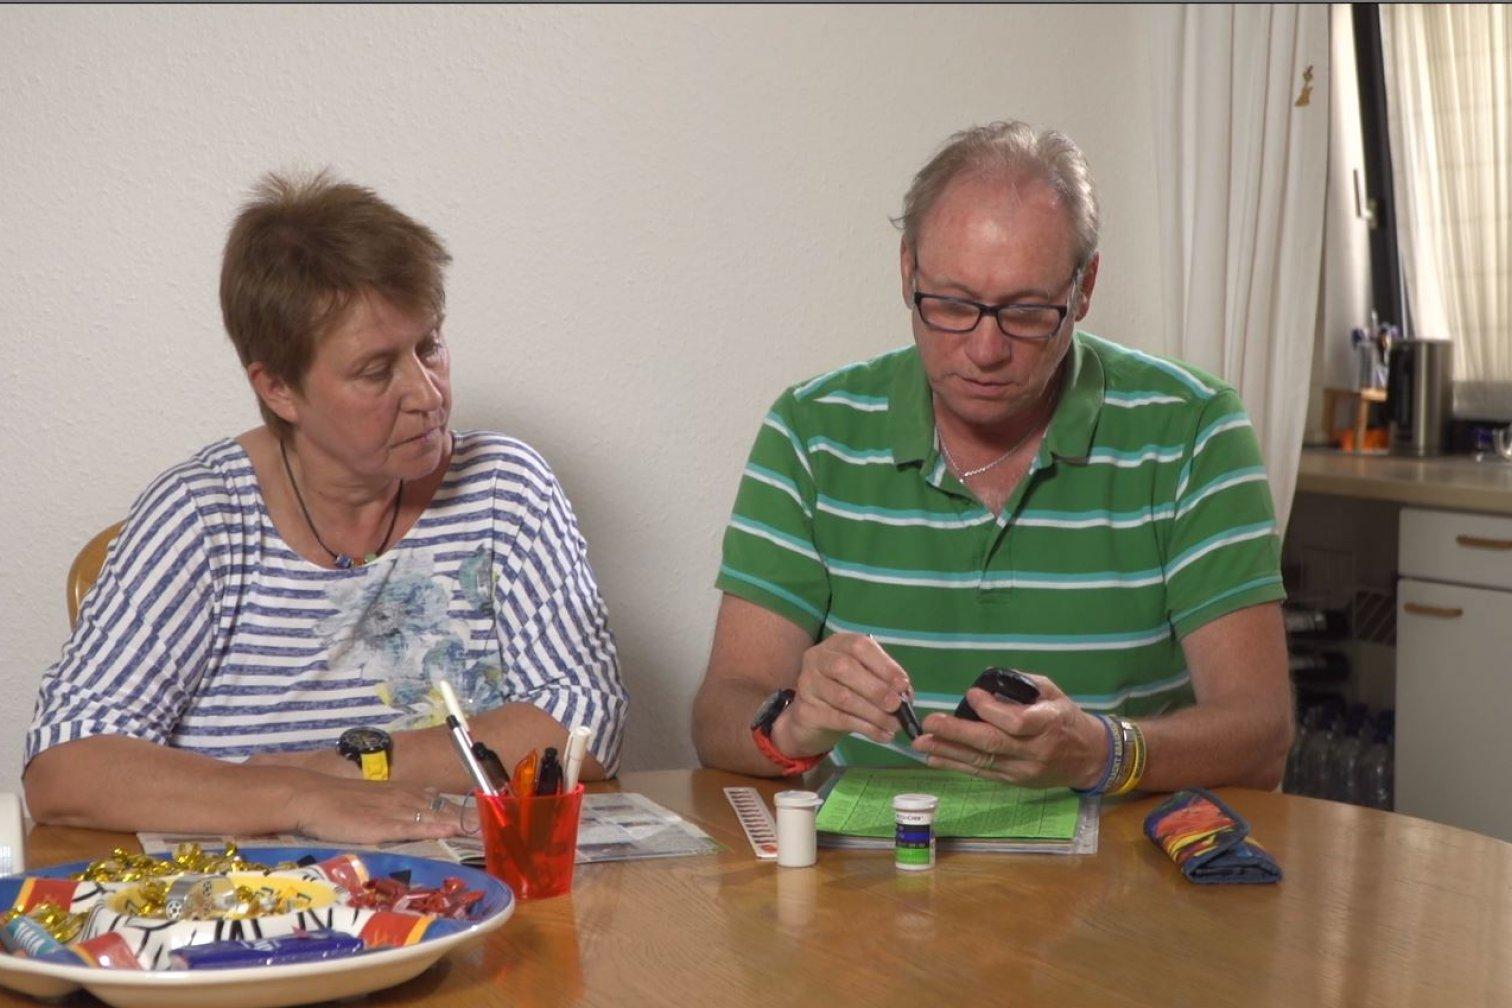 Schulungsprogramm für Angehörige von Menschen mit Diabetes mellitus: Gemeinsames Blutzuckermessen